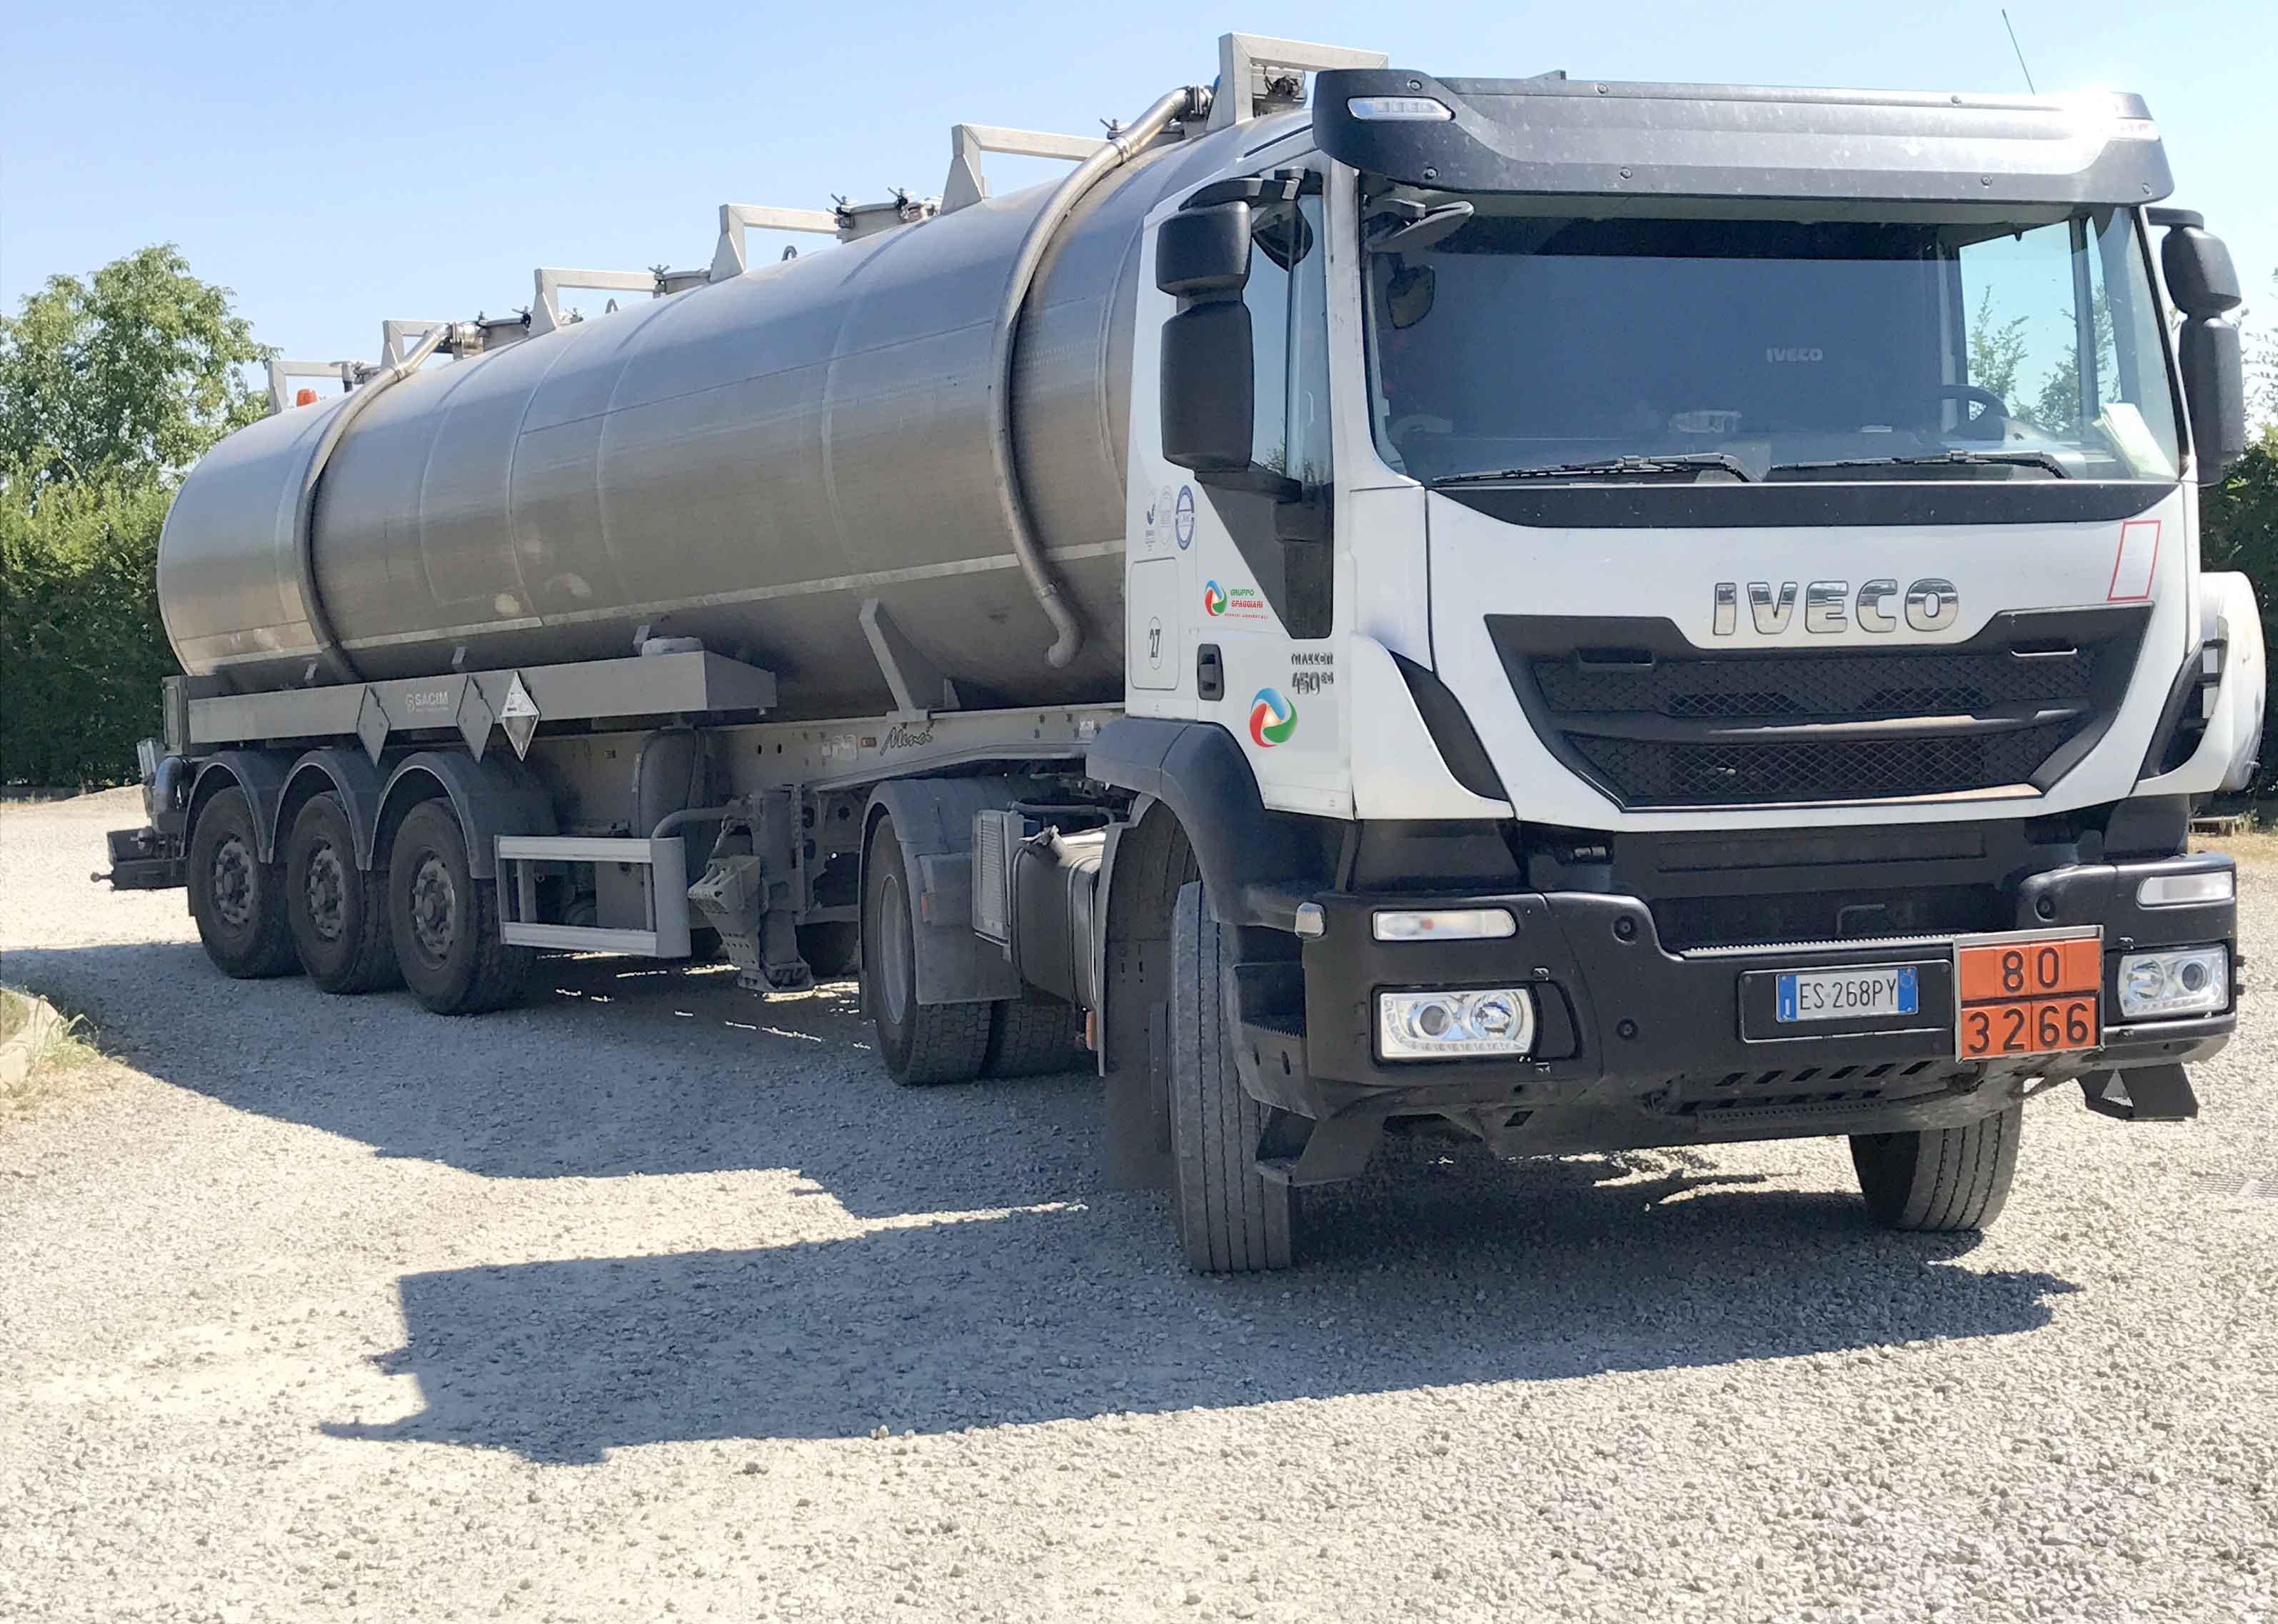 camion per la gestione di rifiuti per enti e attività, anche per rifiuti ADR, di Gruppo Spaggiari - trasporto e gestione rifiuti